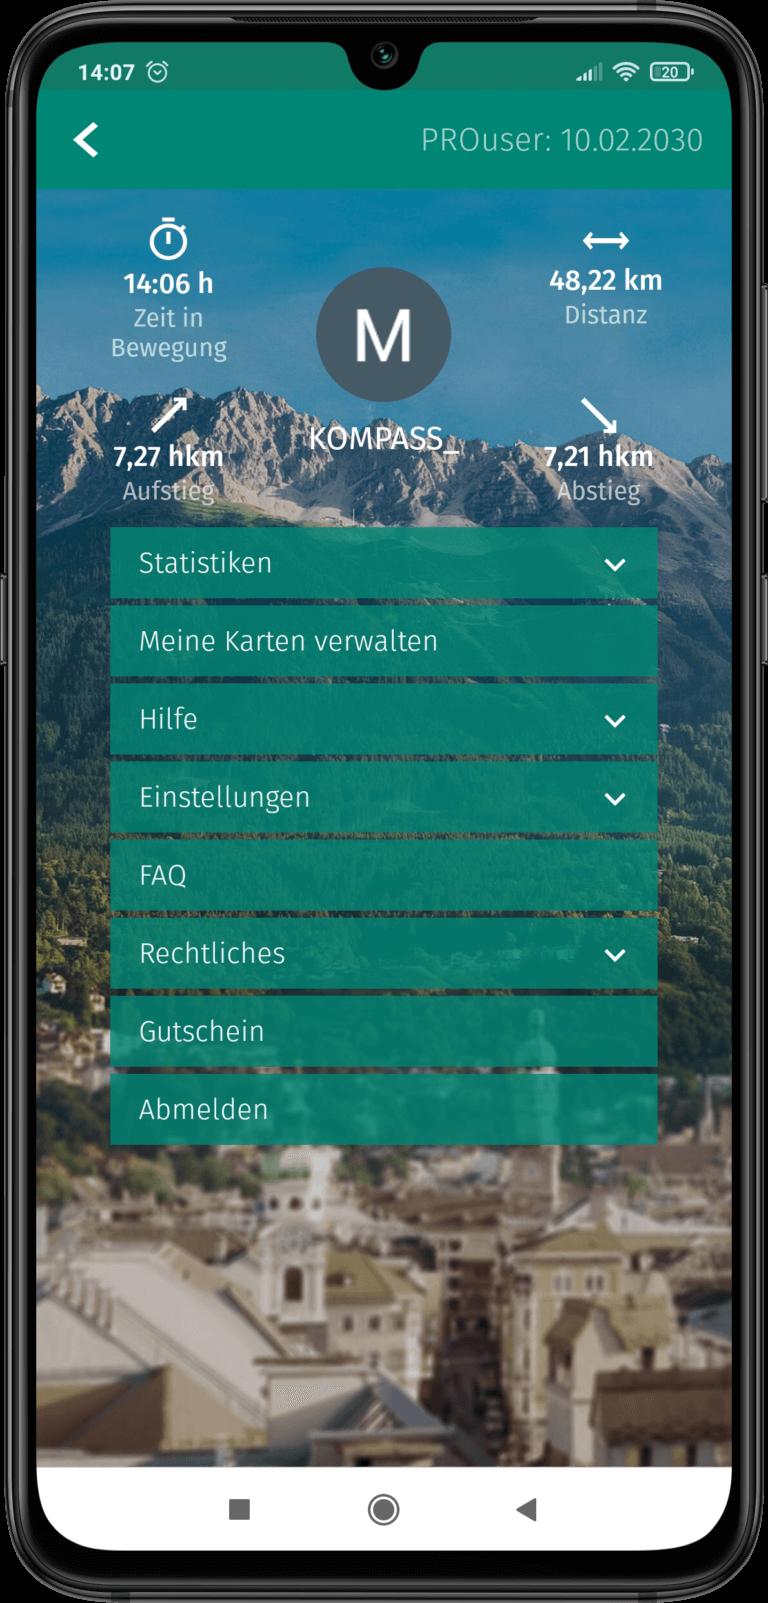 App Screenshot - Ansicht für persönliche Einstellungen